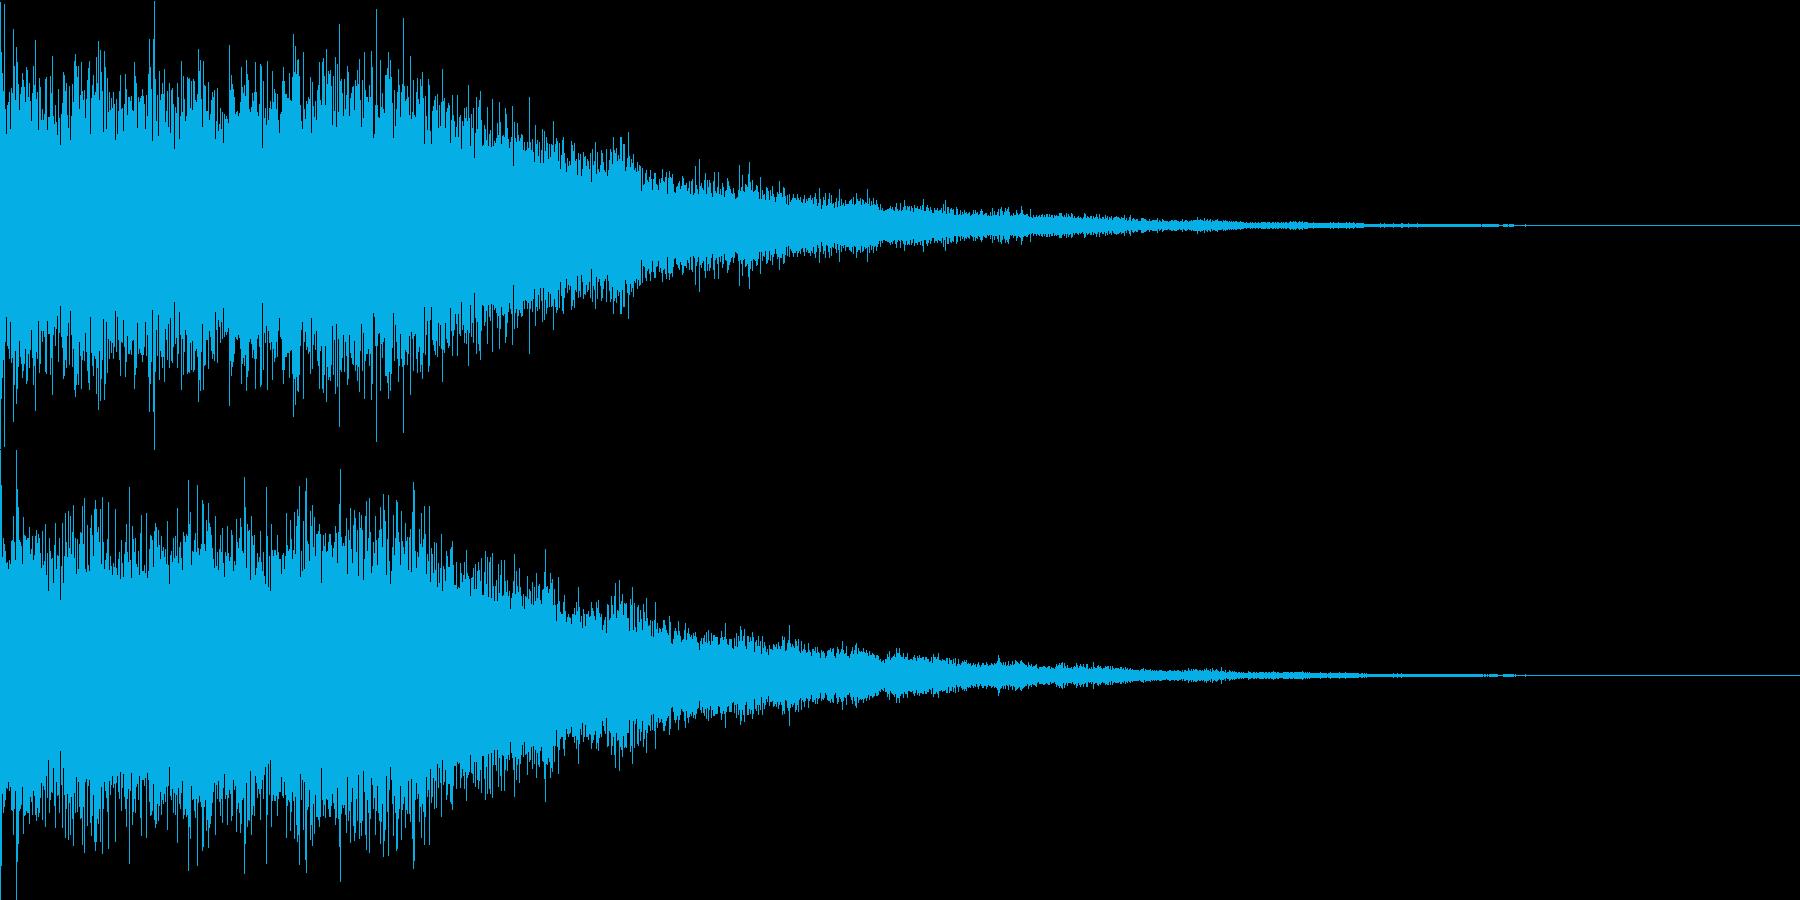 氷魔法03(冷気属性魔法)の再生済みの波形